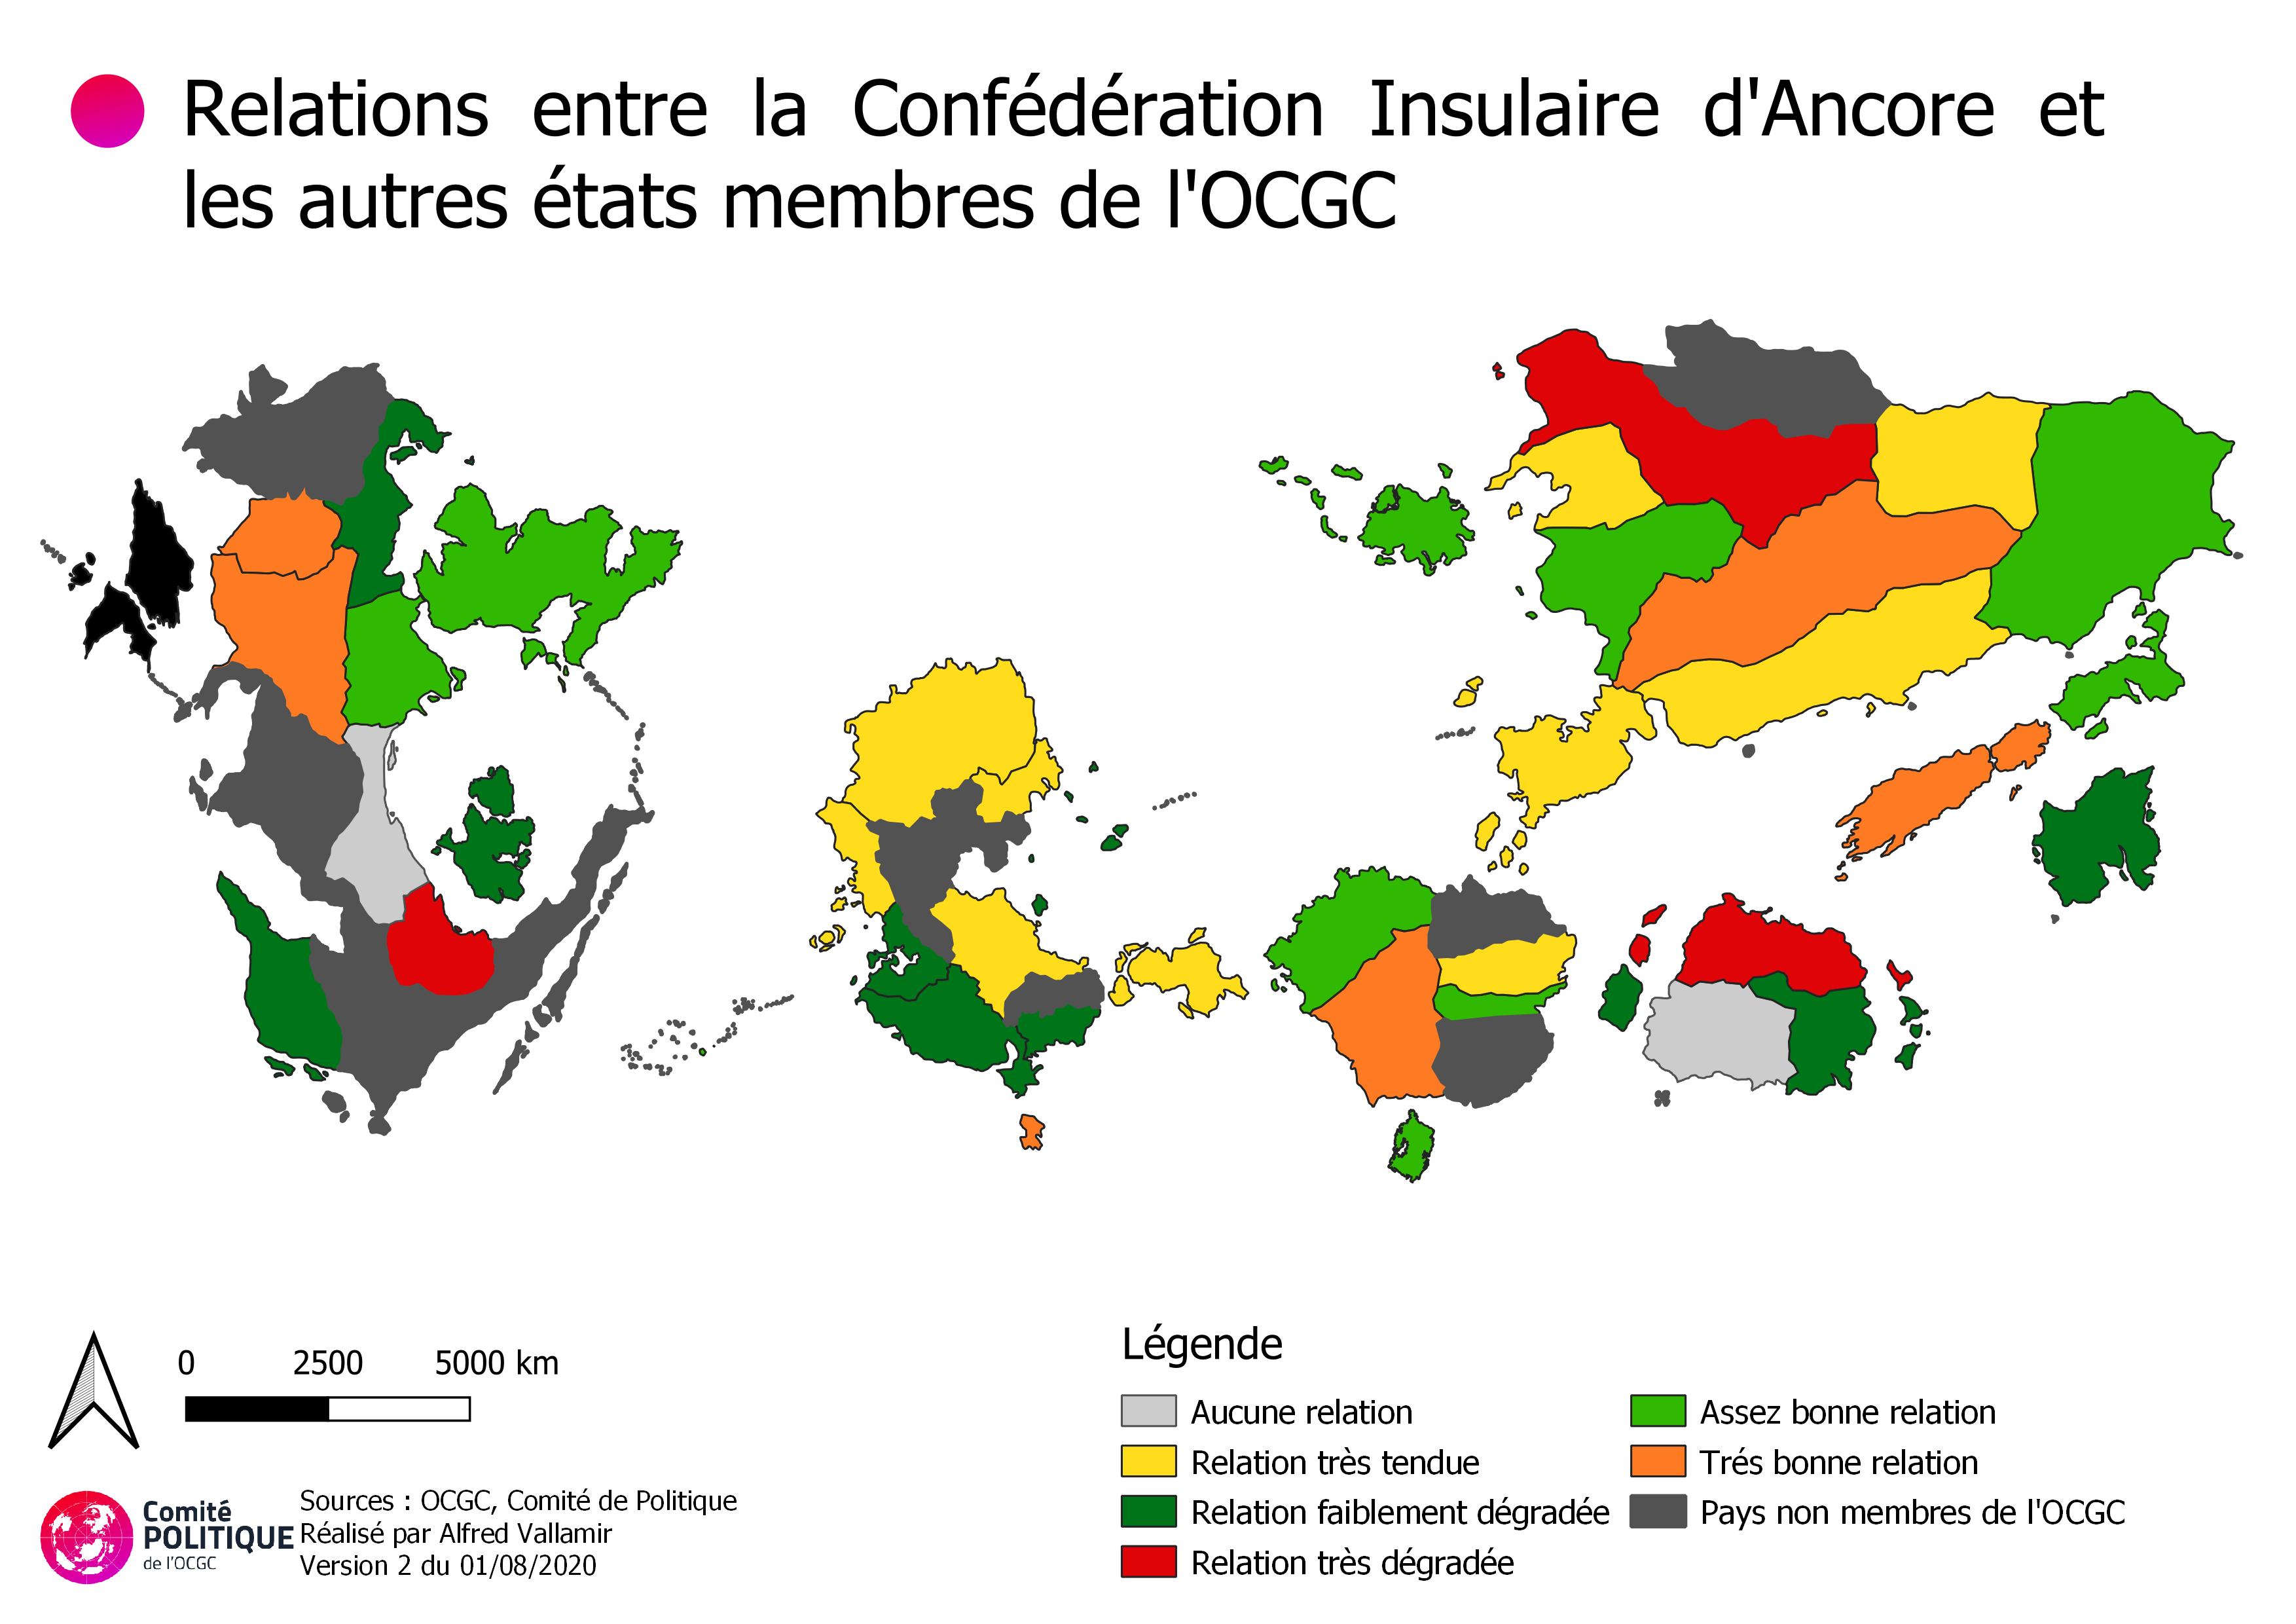 Atlas du comité de politique - 8 nouvelles carte (organisation et relations entre états). - Page 3 ComPol_Rel_Bil_Ancore